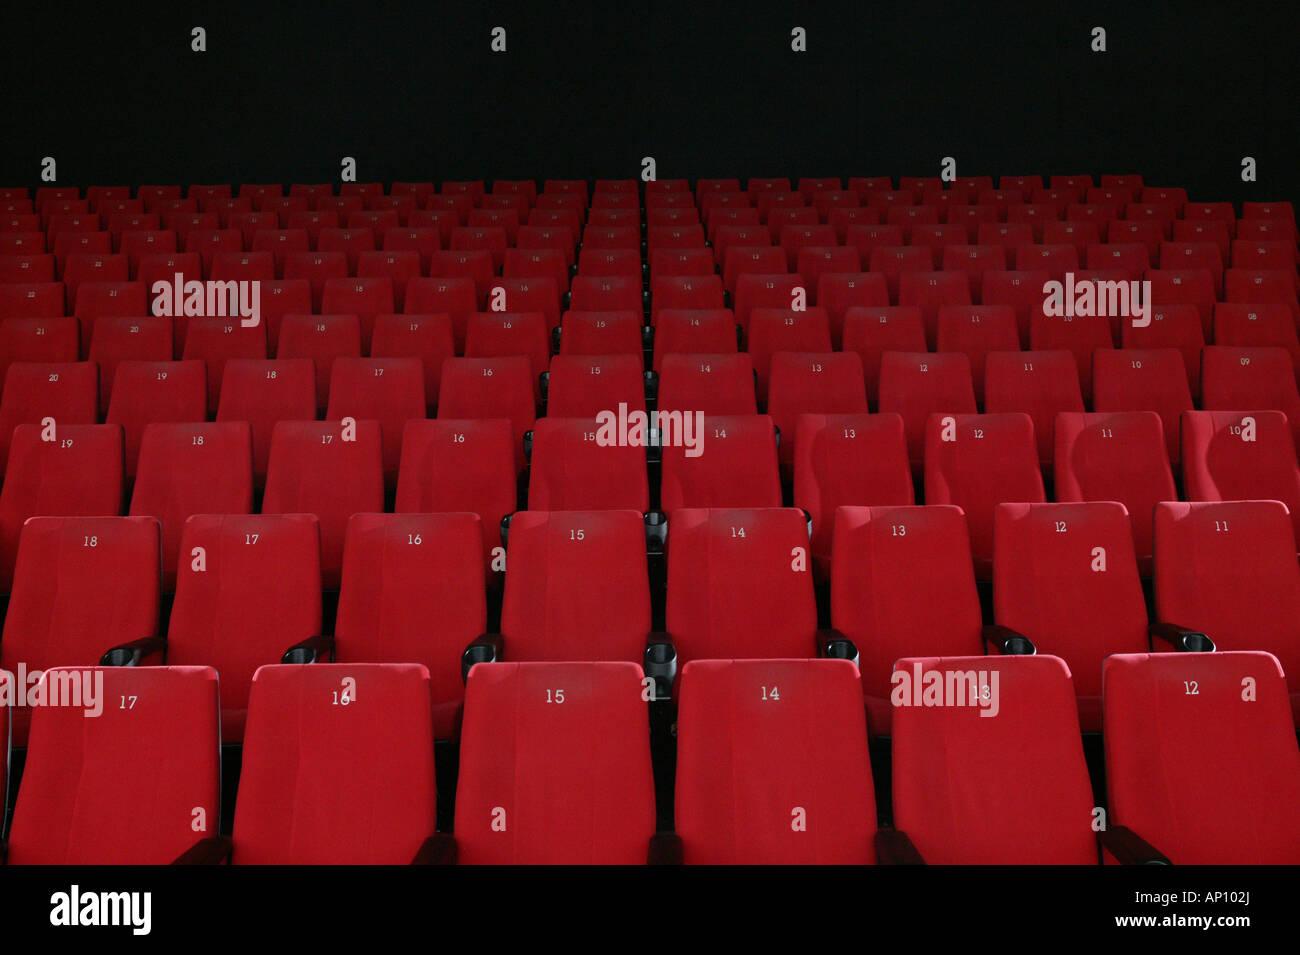 Des rangées de sièges de cinéma rouge vide, Garmisch-Partenkirchen, Bavière, Allemagne Photo Stock